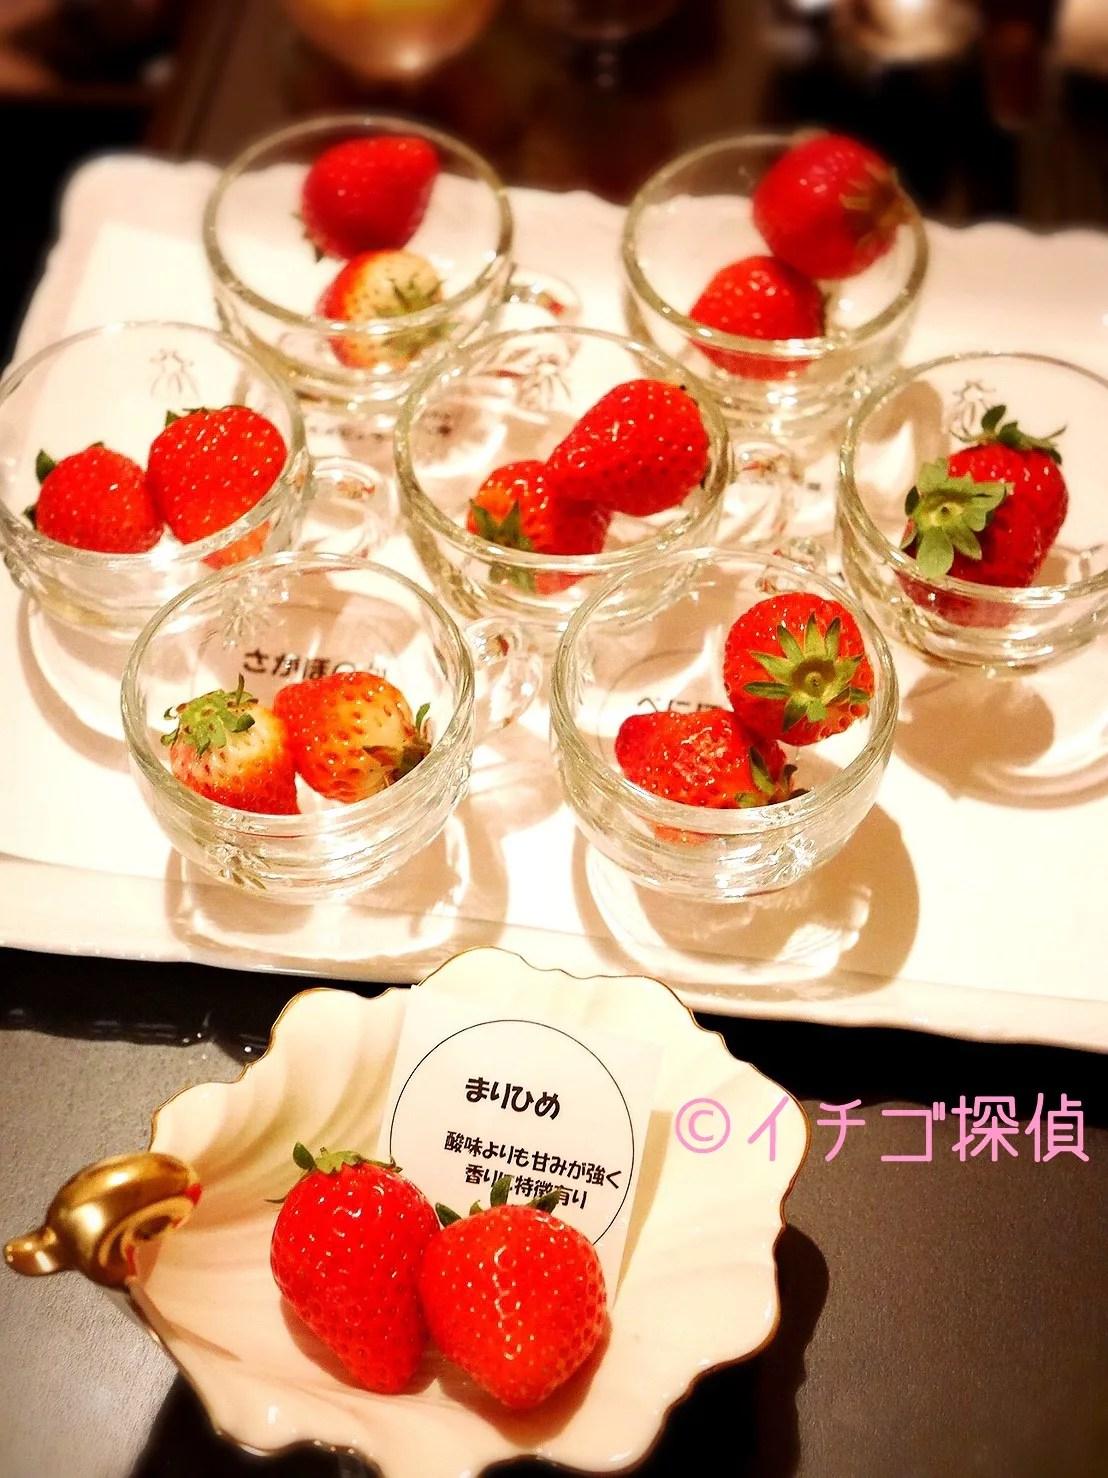 イチゴ探偵|いちごジャーニーで7種の苺食べ放題!横浜ベイホテル東急・ソマーハウス「ナイトタイム・デザートブッフェ」実食レポート①